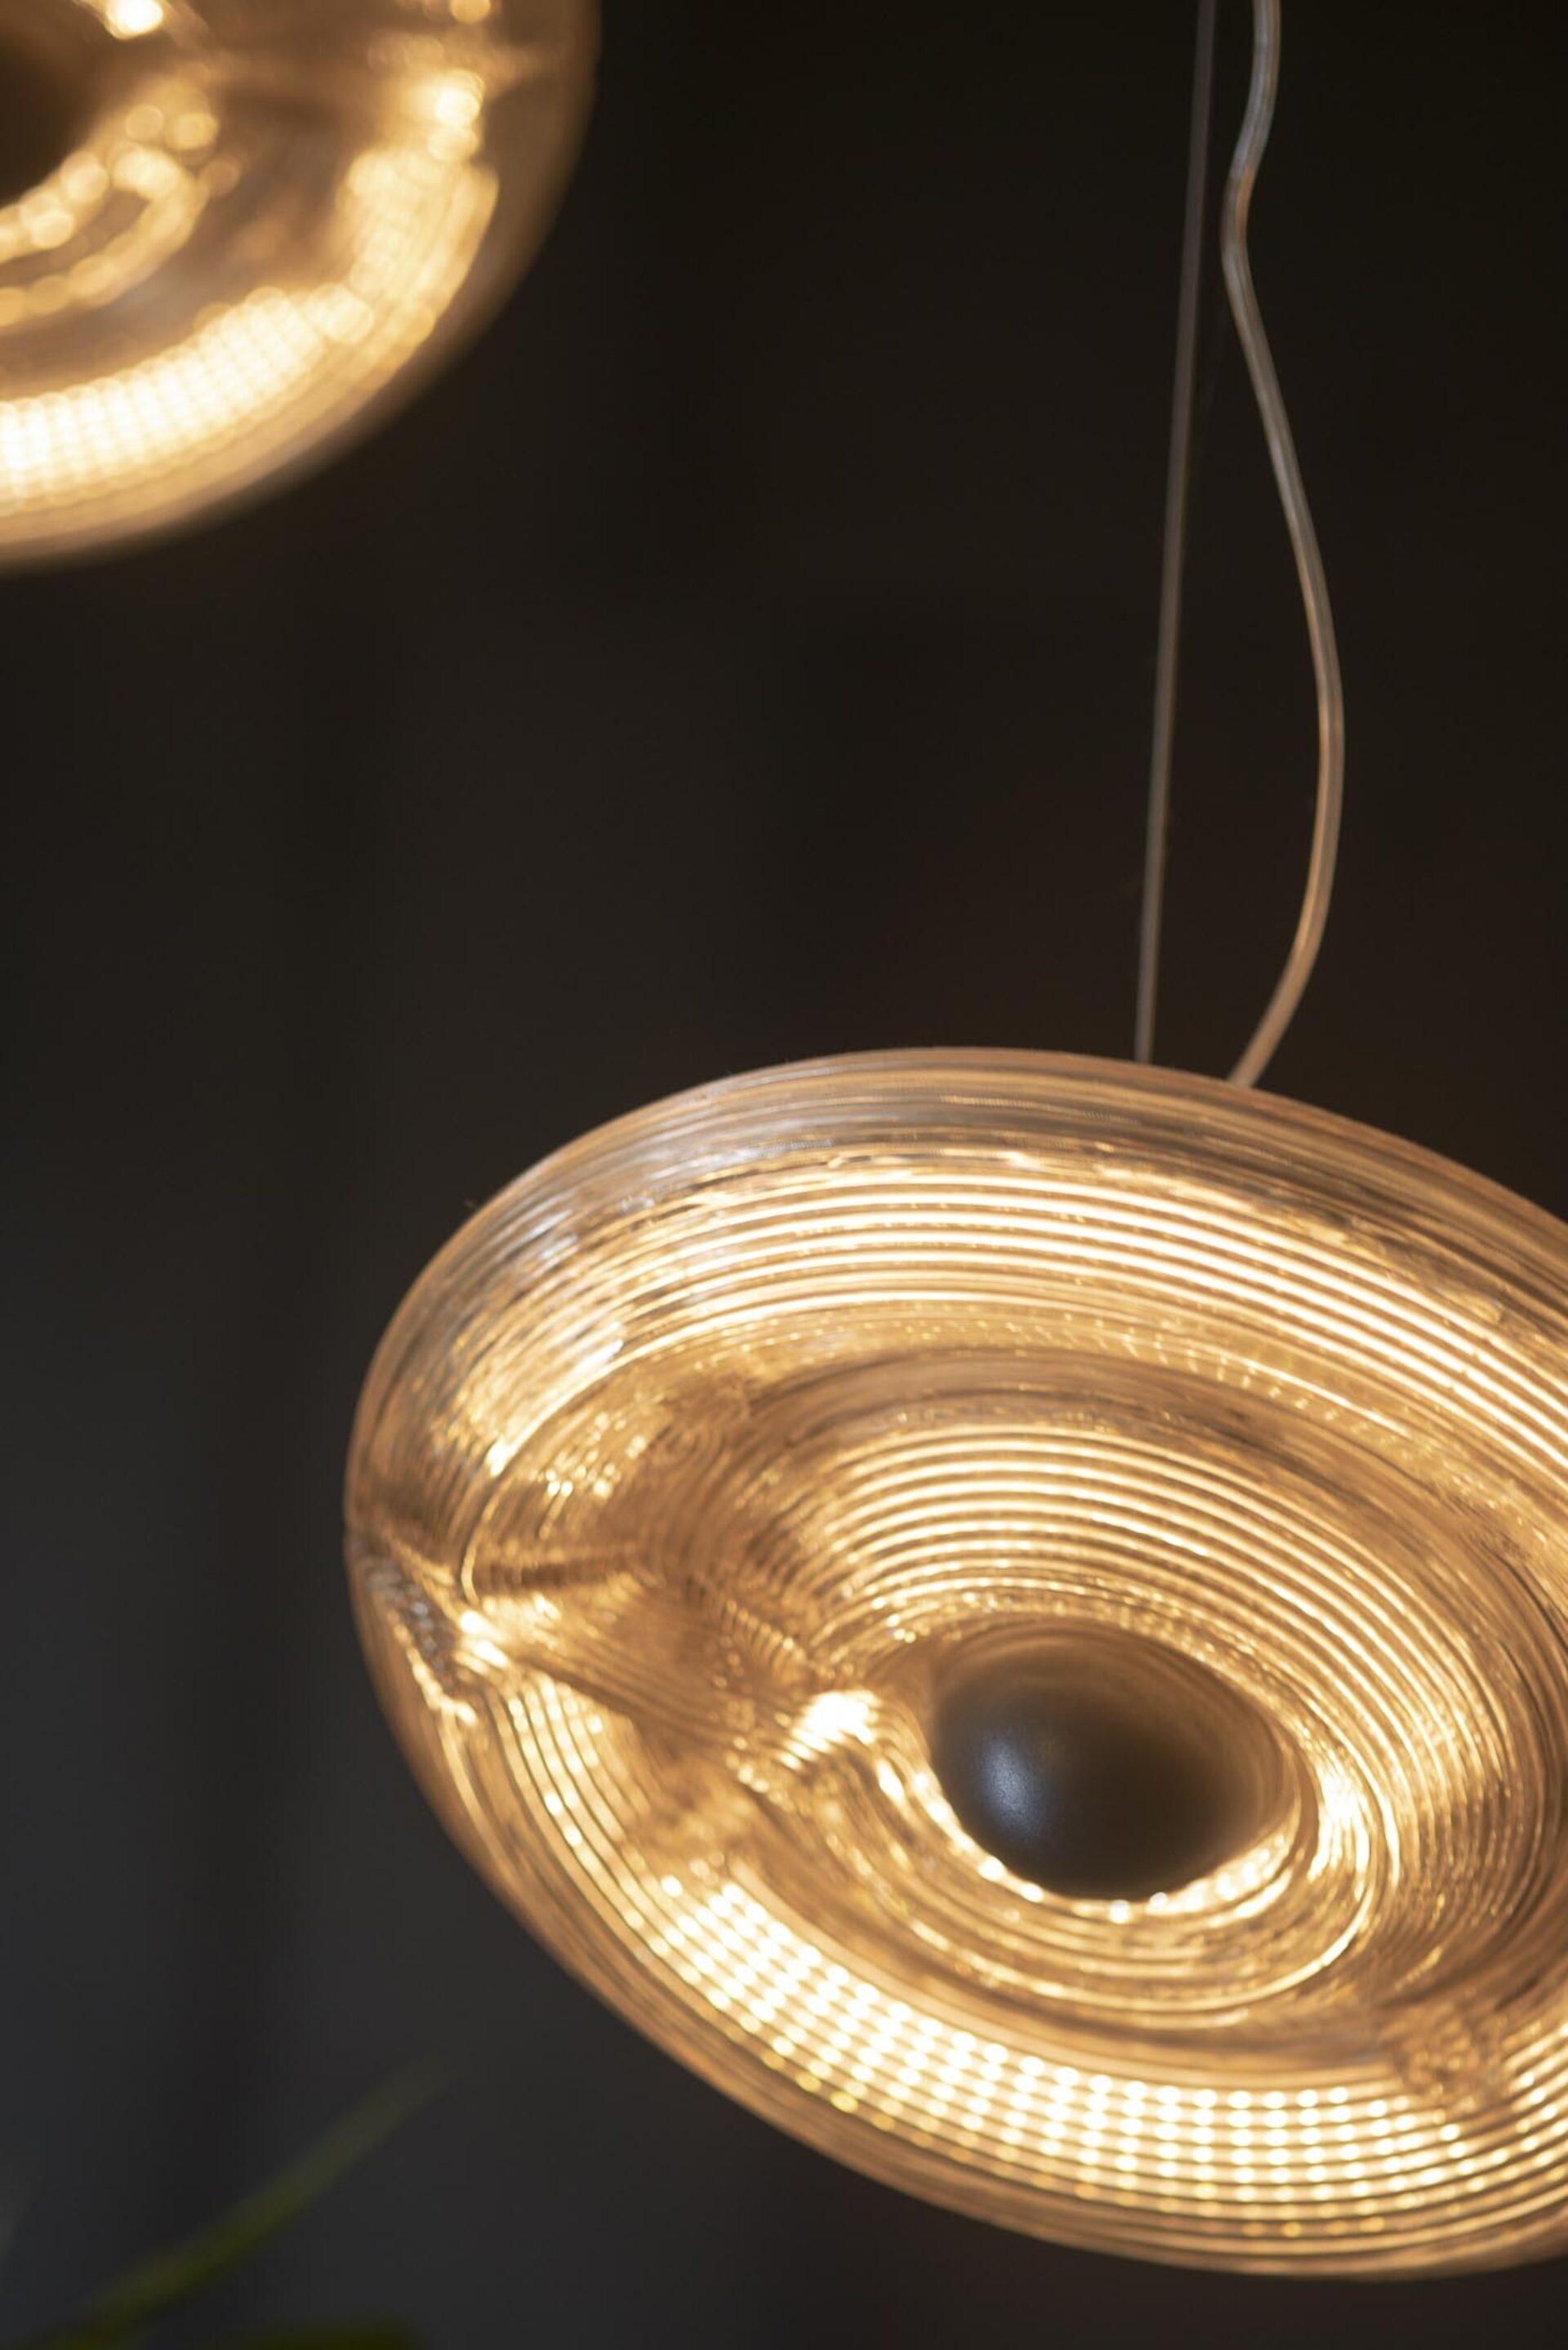 Kooij fresnel pendent light recycled plastic